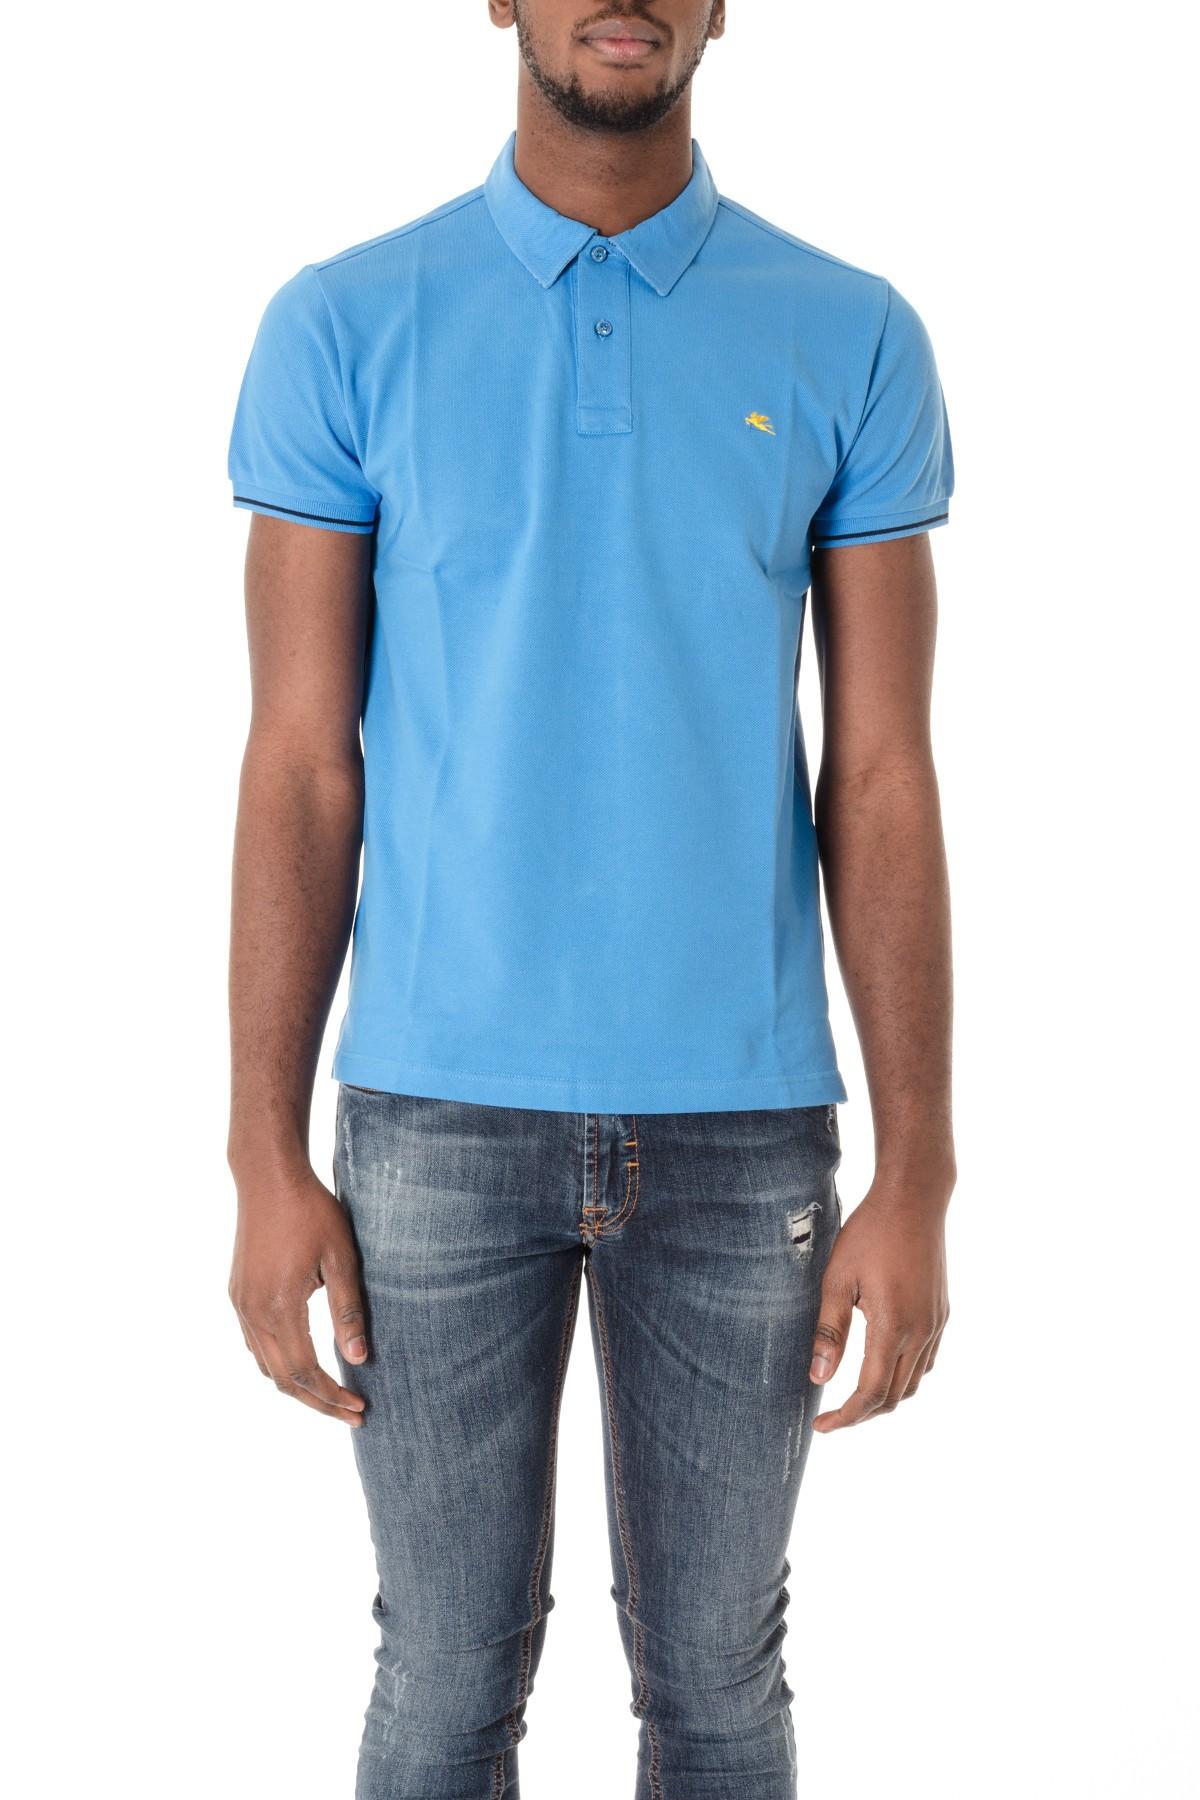 Etro s s 16 light blue polo shirt for men rione fontana for Etro men s shirts